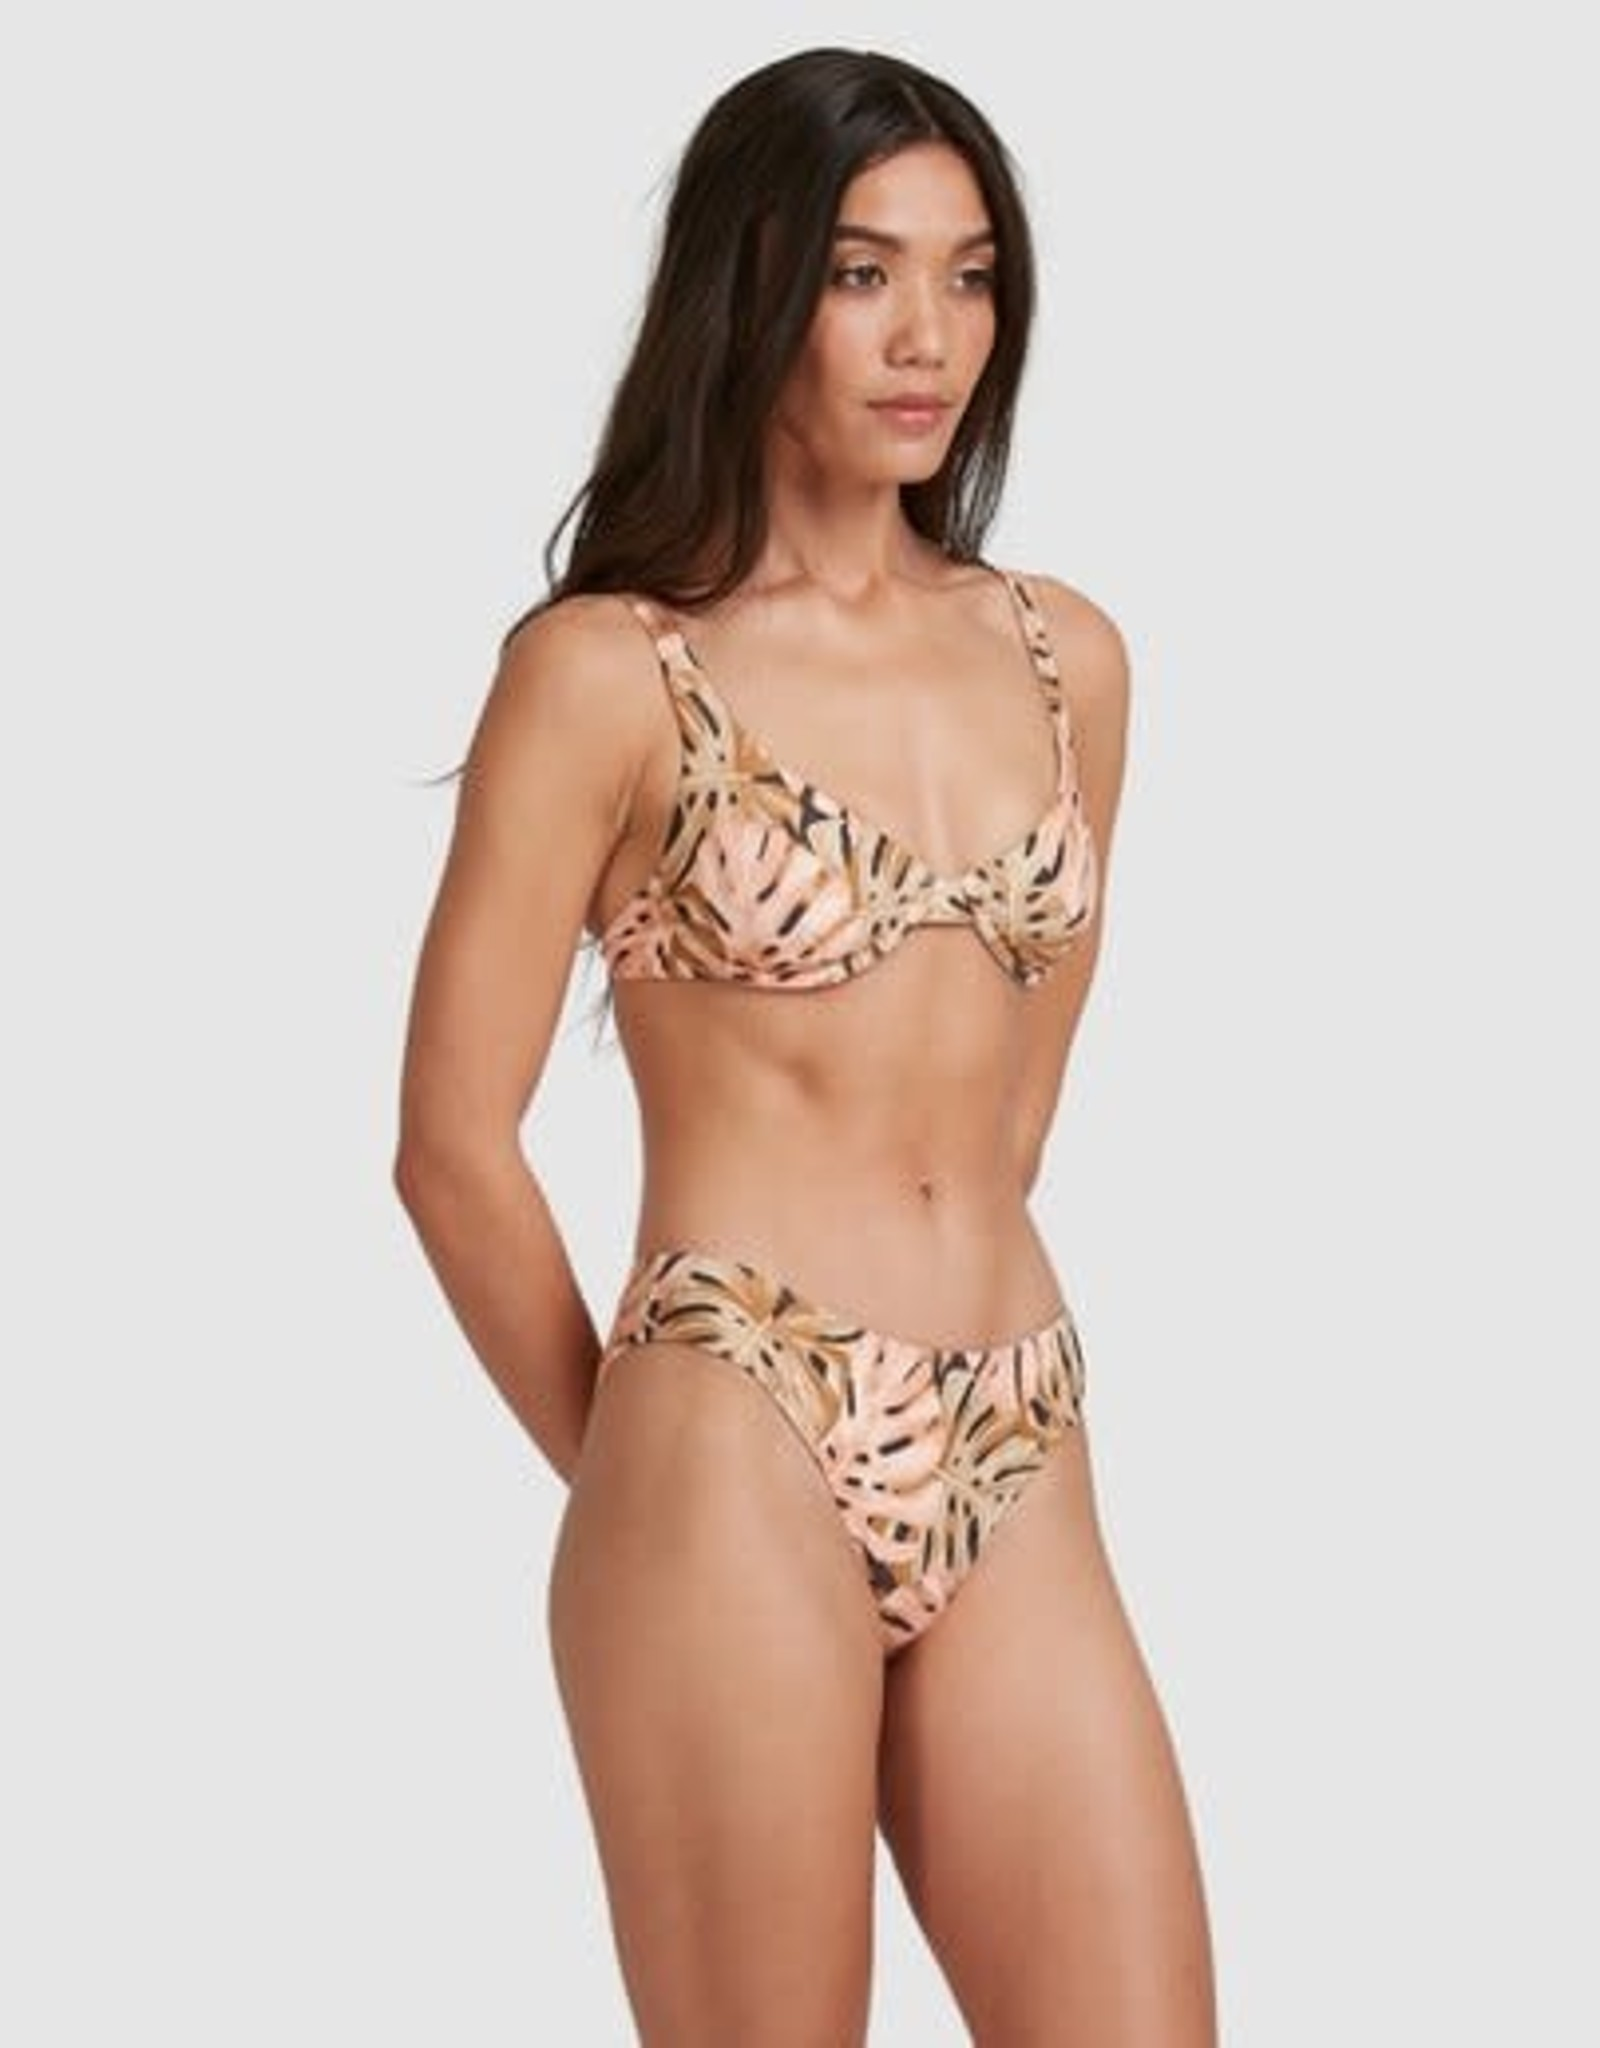 BILLABONG Hula Palm Bra Bikini Top - Size 14